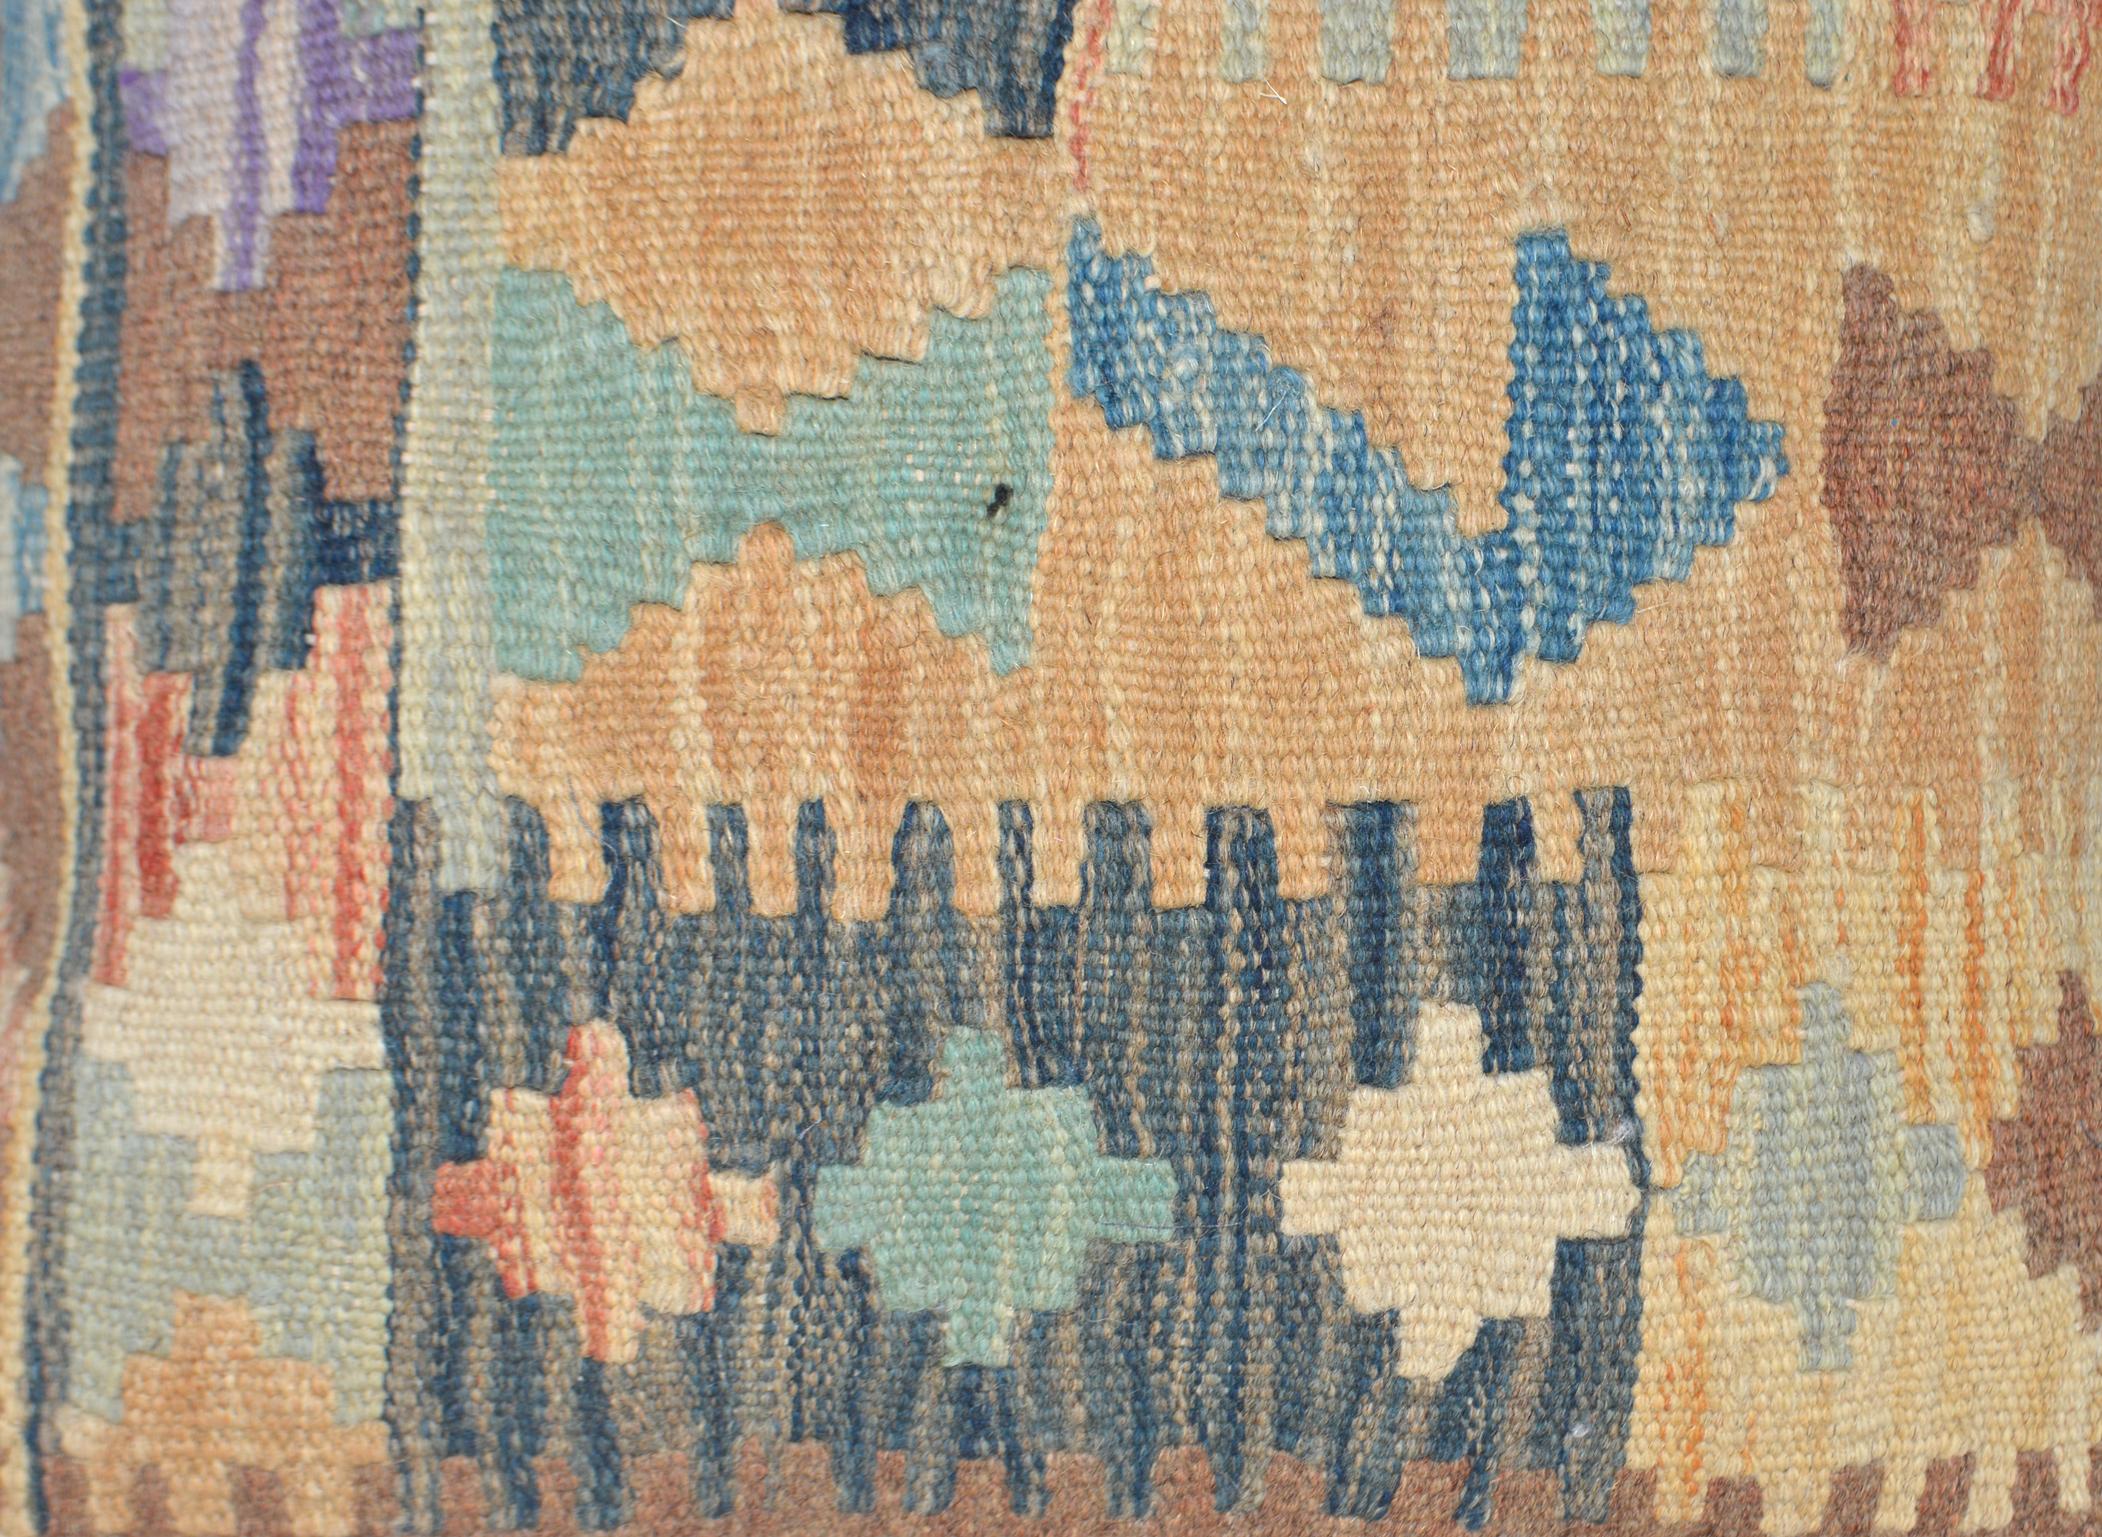 Orientalische Antik Kelim Kissen Unikat aus Wolle, handgewebte Dekokissen, Vintage AKS 022 Größe 45 x 45 cm